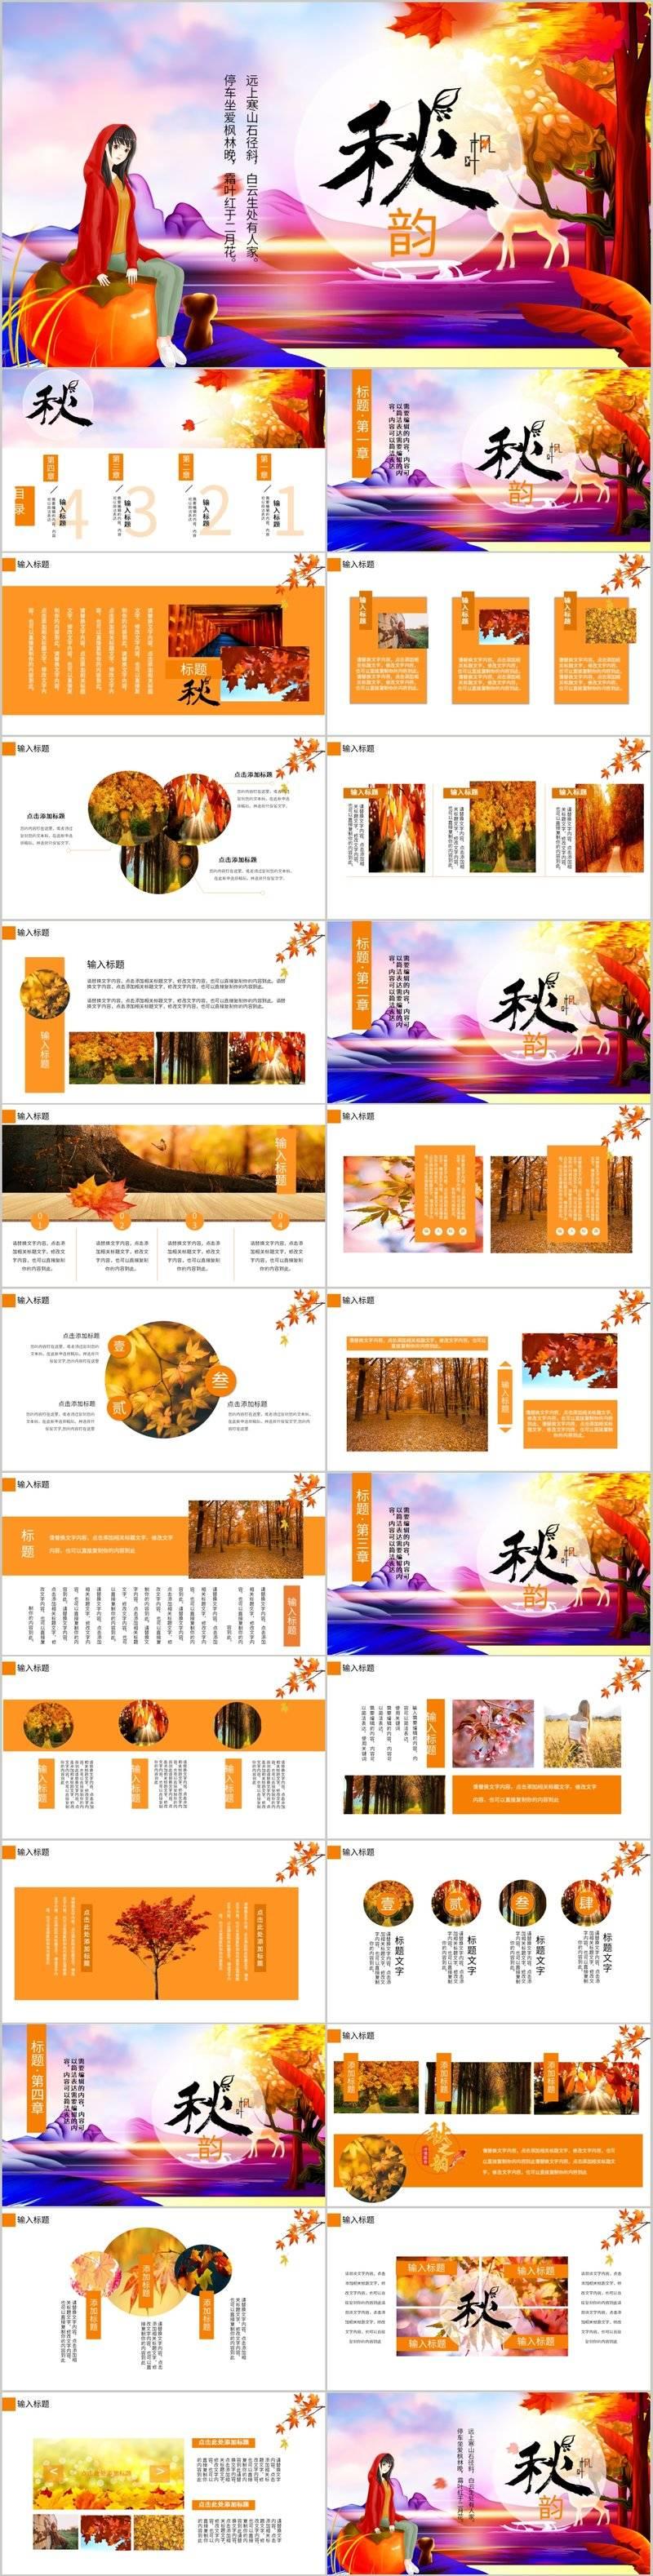 秋天来了唯美橙色枫叶秋韵主题旅游宣传通用PPT模板